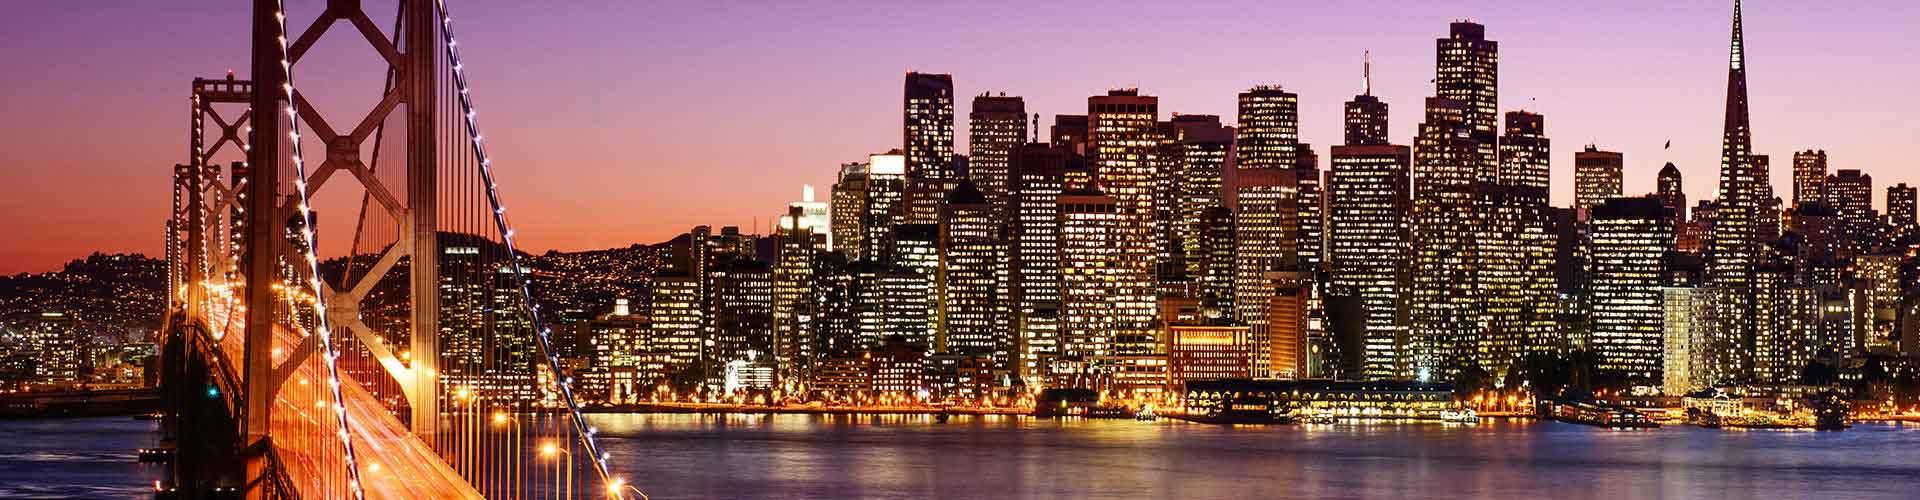 San Francisco - Hoteles baratos en San Francisco. Mapas de San Francisco, Fotos y Comentarios para cada alojamiento en San Francisco.